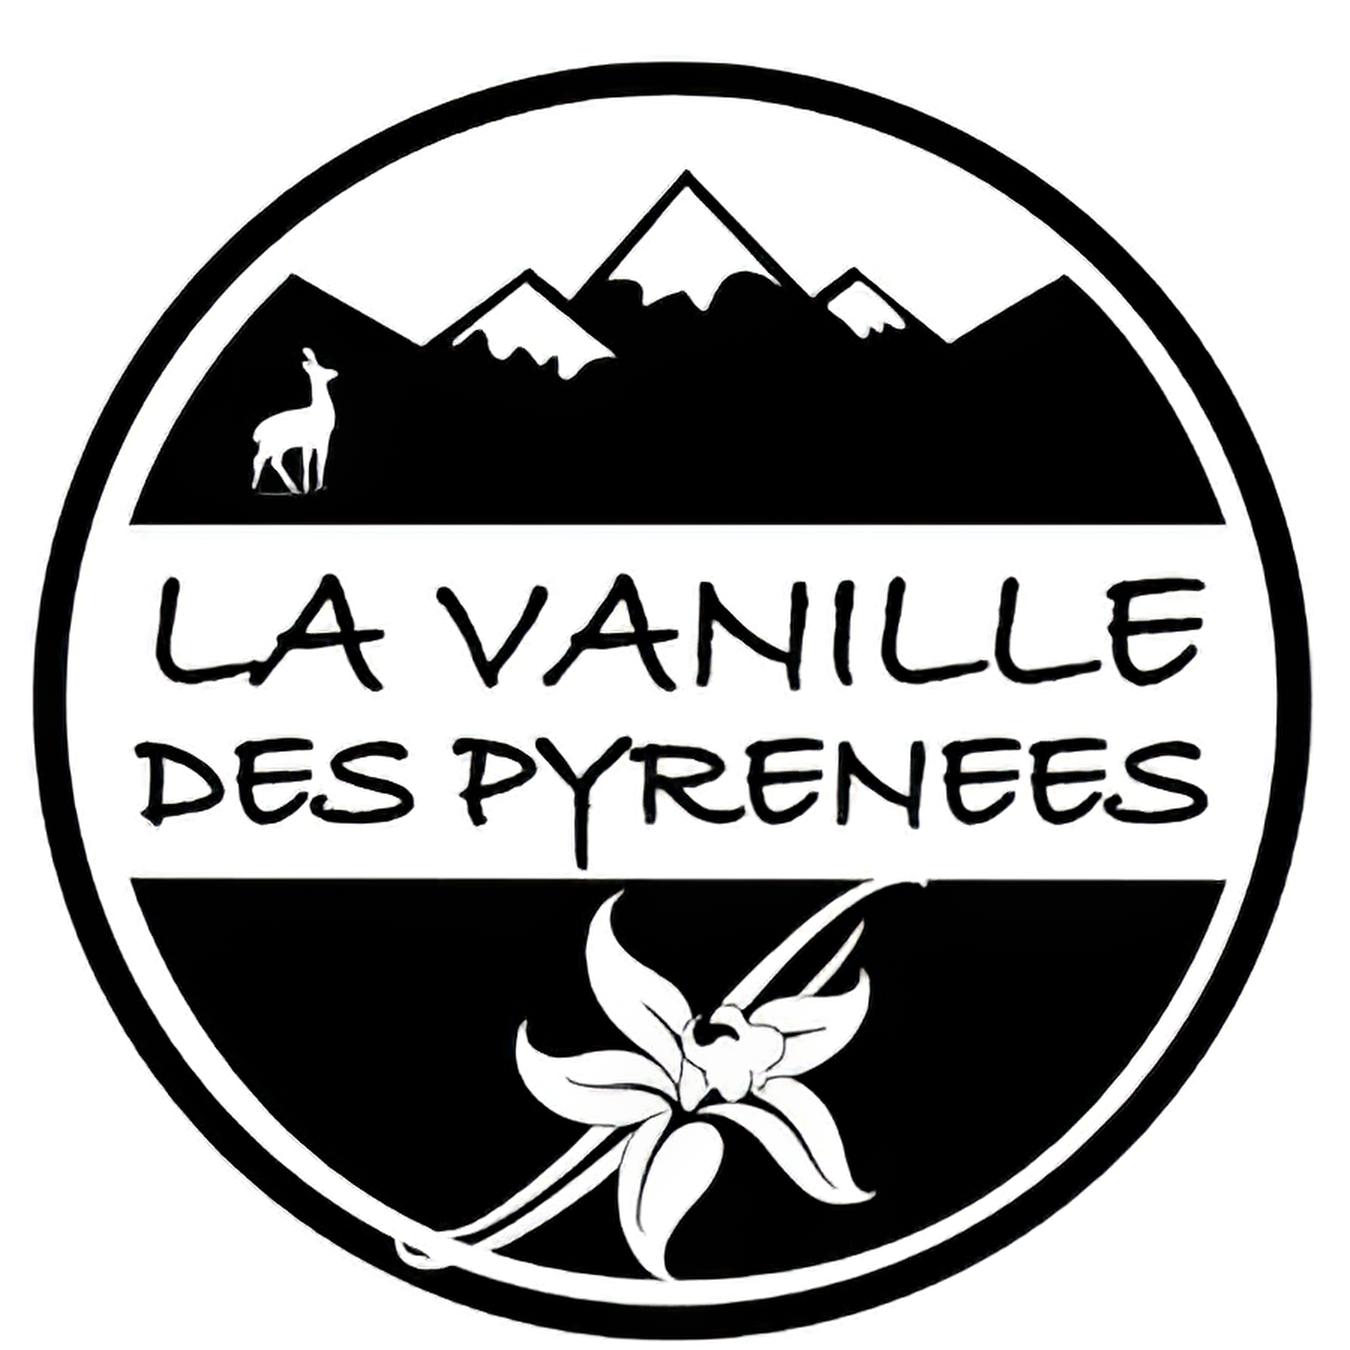 La Vanille des Pyrénées